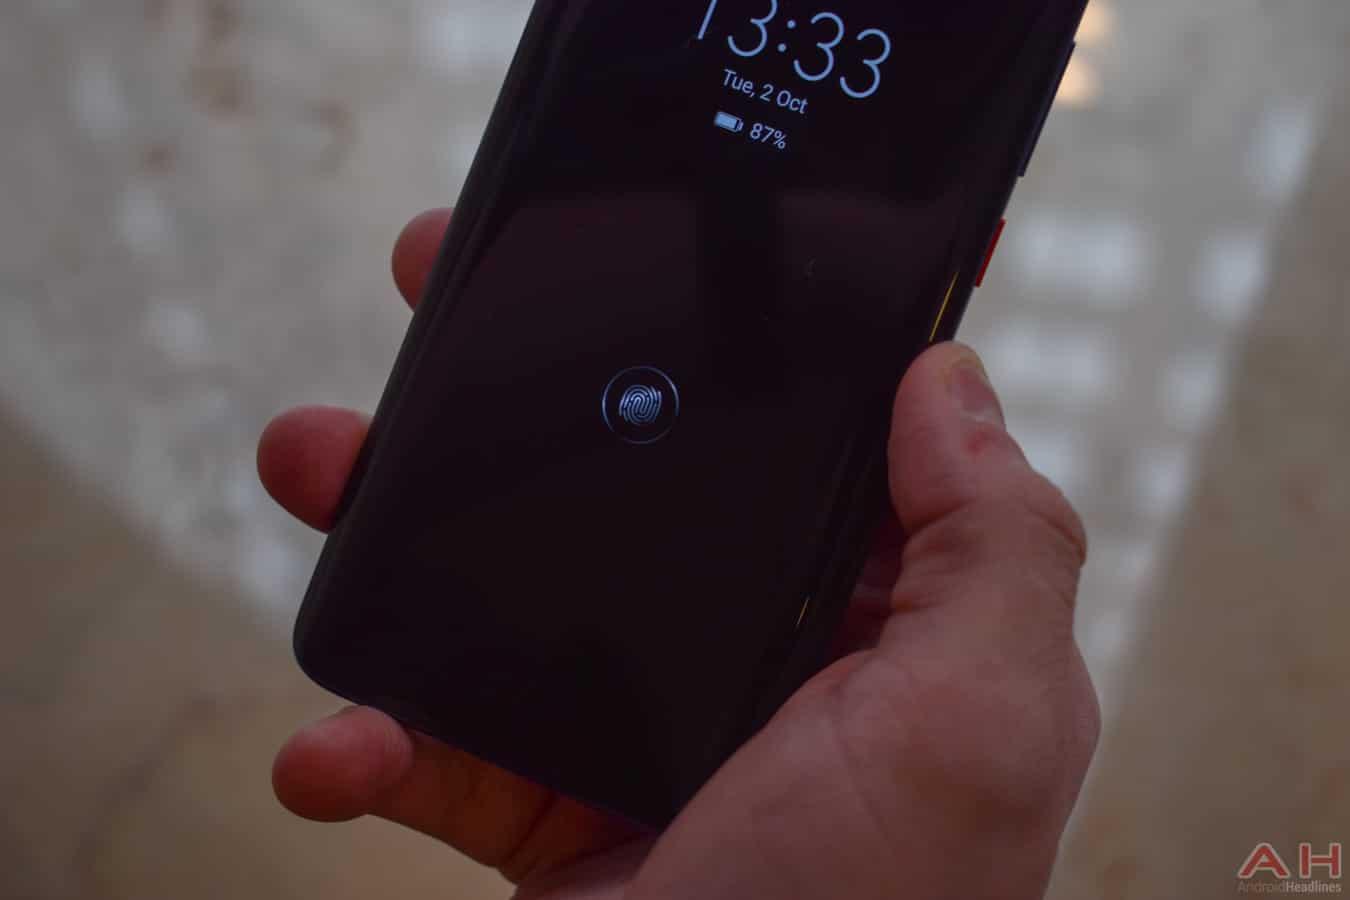 Huawei Mate 20 Pro AM AH 2